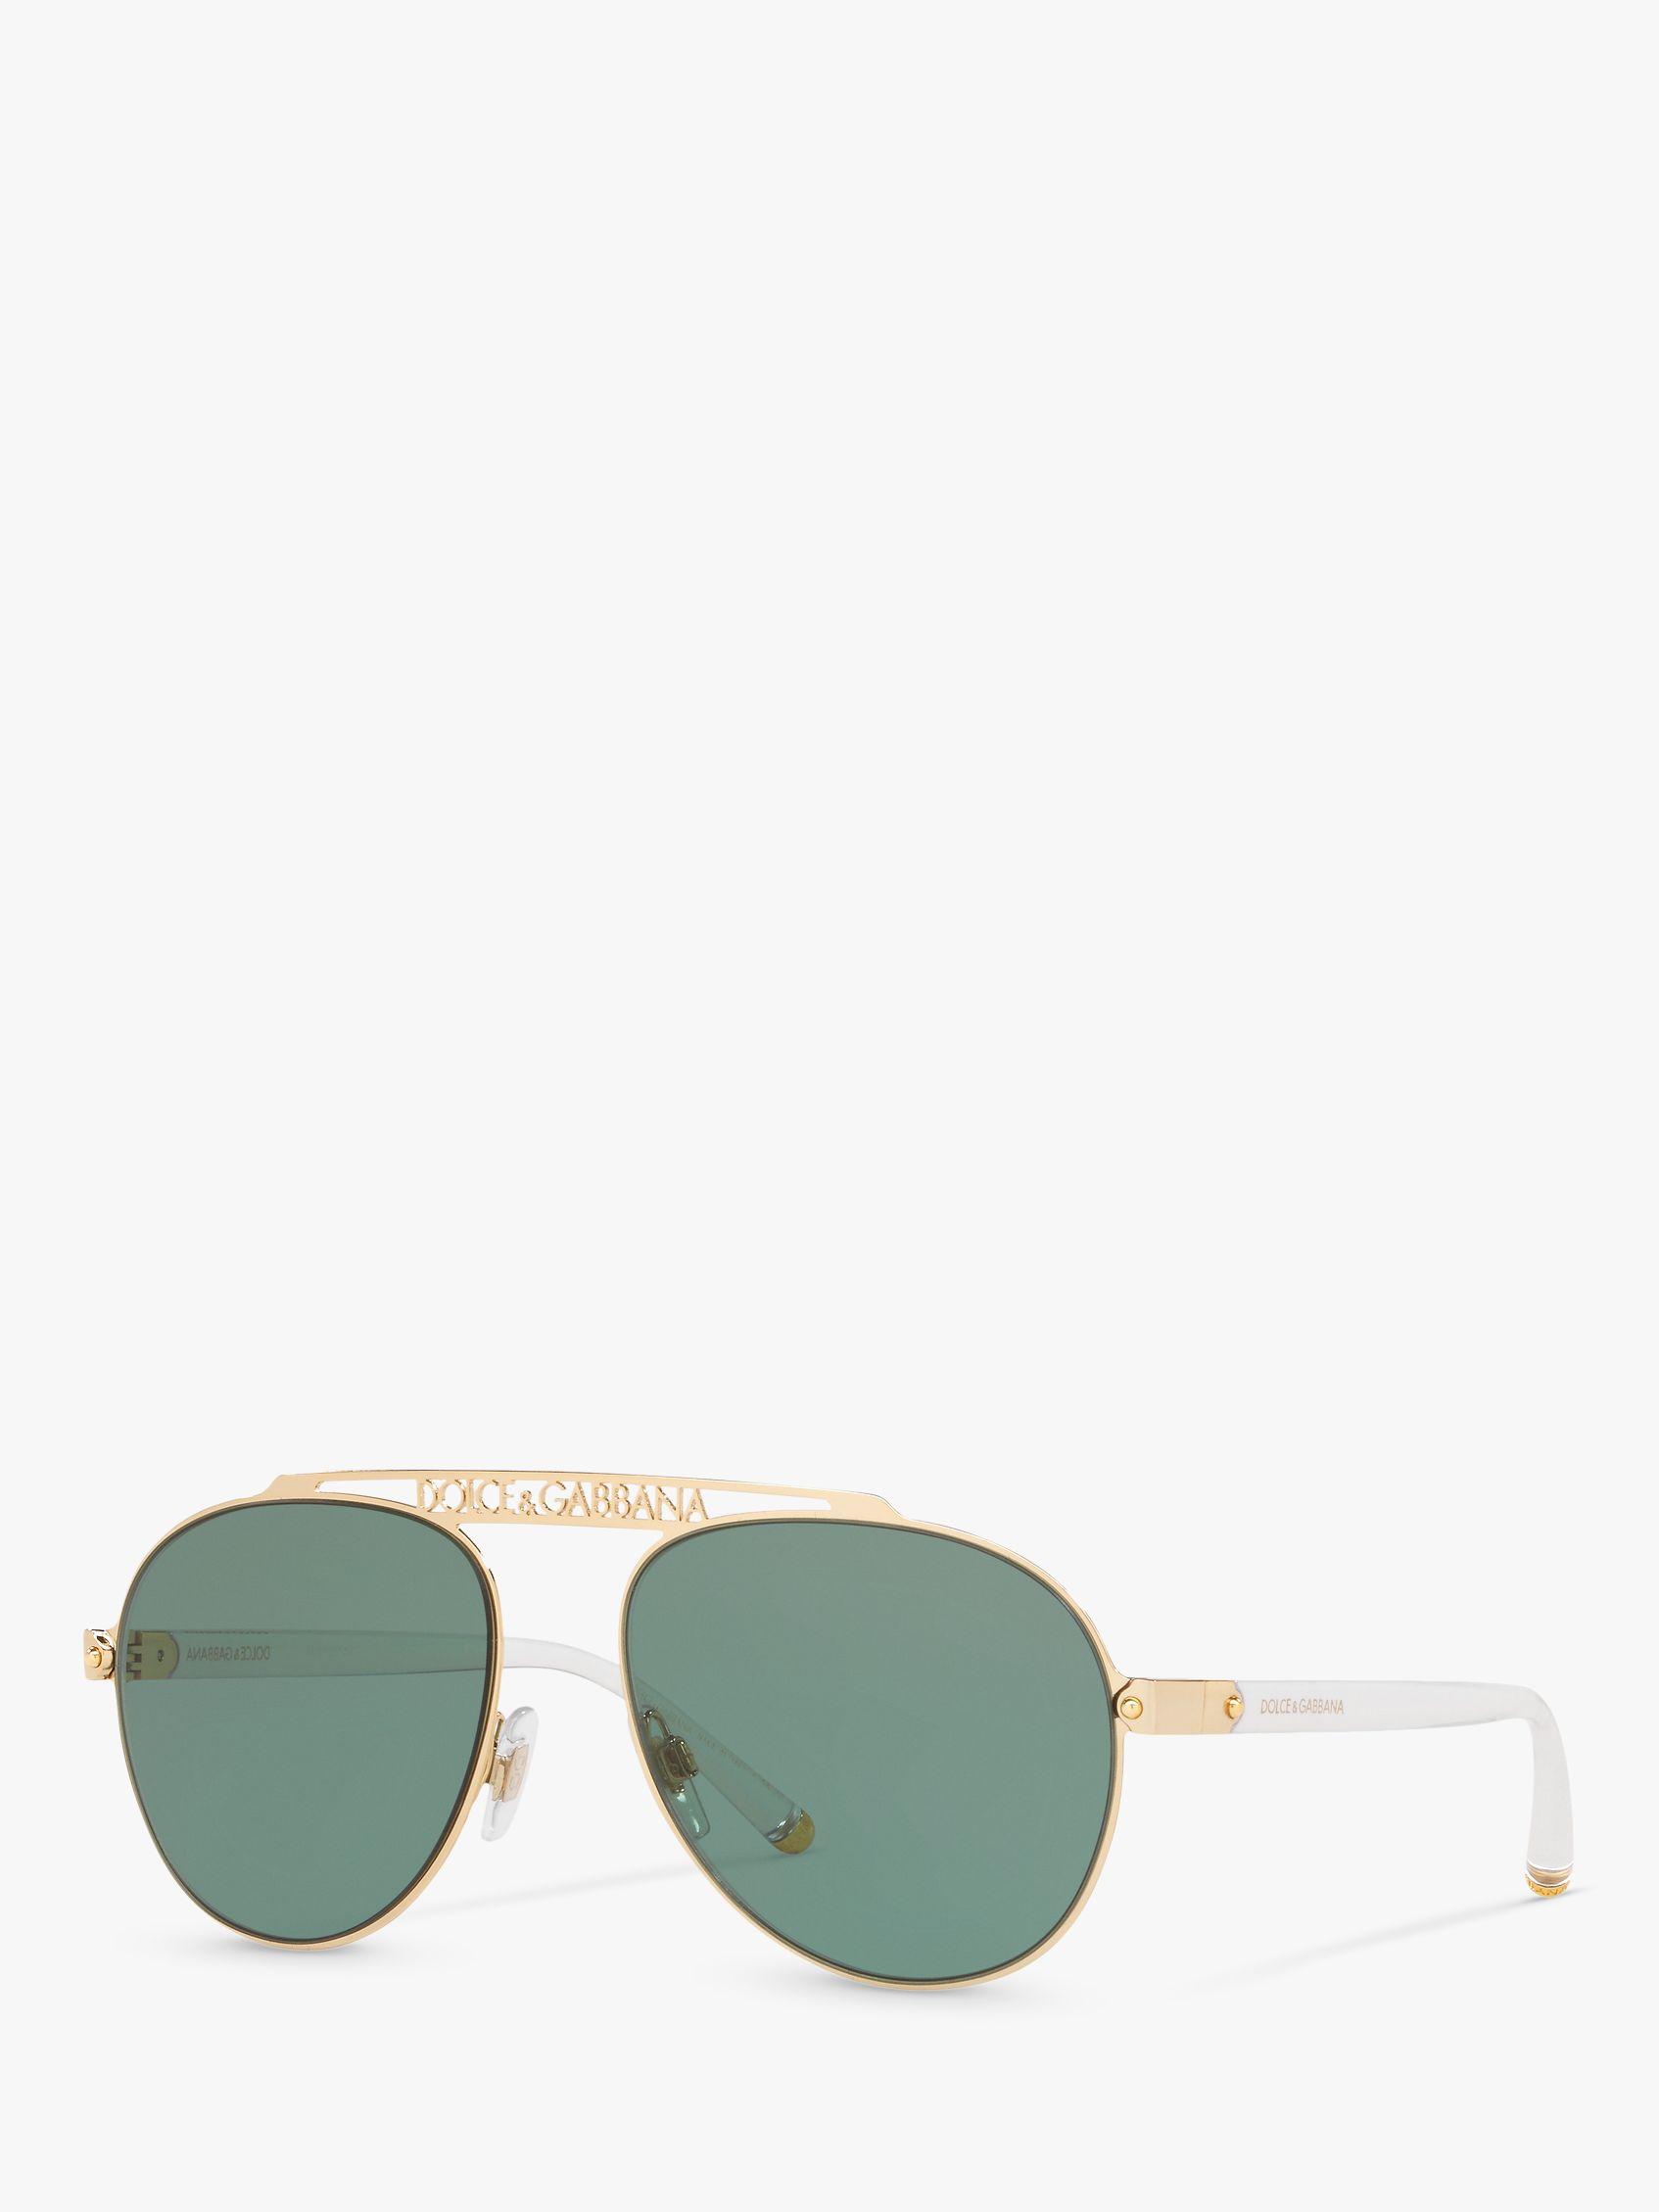 Dolce & Gabbana Dolce & Gabbana DG2235 Women's Aviator Sunglasses, Gold/Green